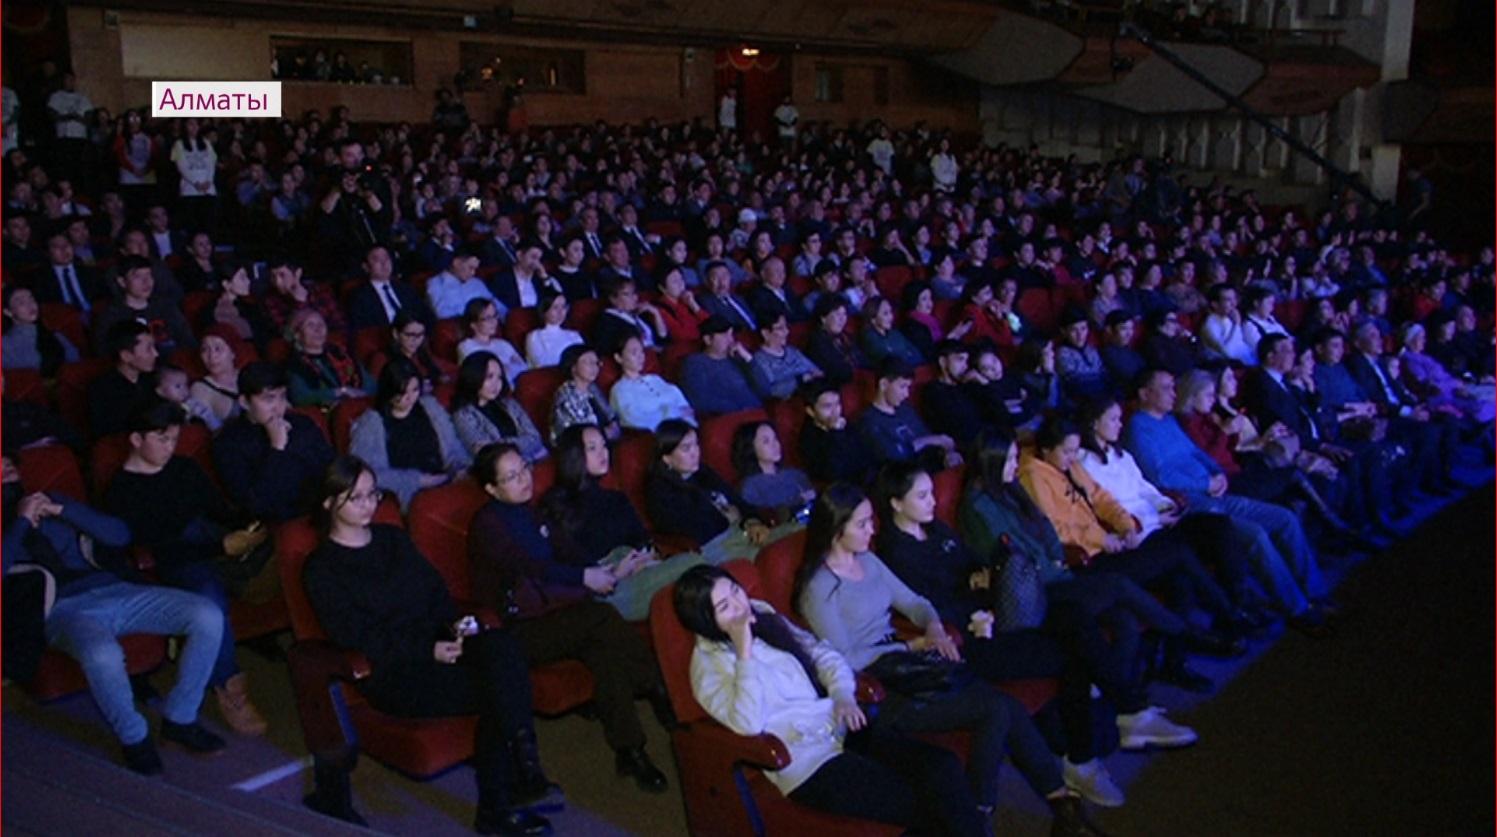 В Алматы прошел концерт, посвящённый 175-летию Абая